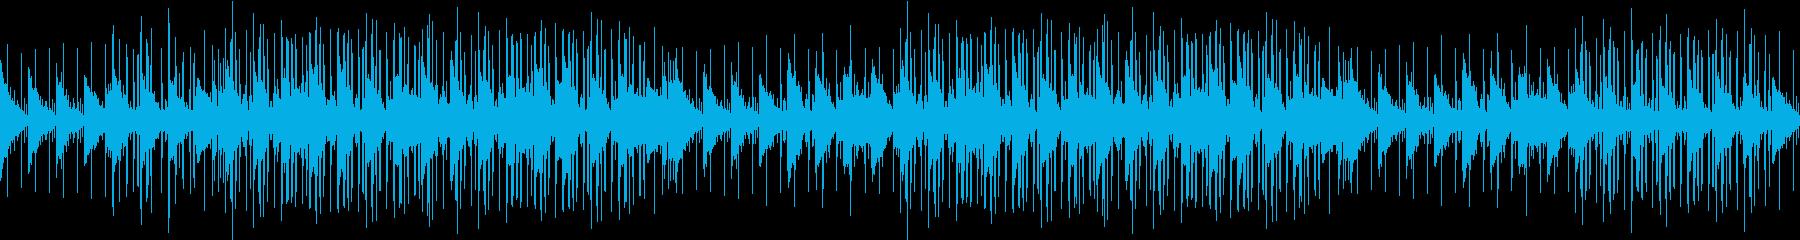 お洒落・ヒップホップ・アンビエントピアノの再生済みの波形